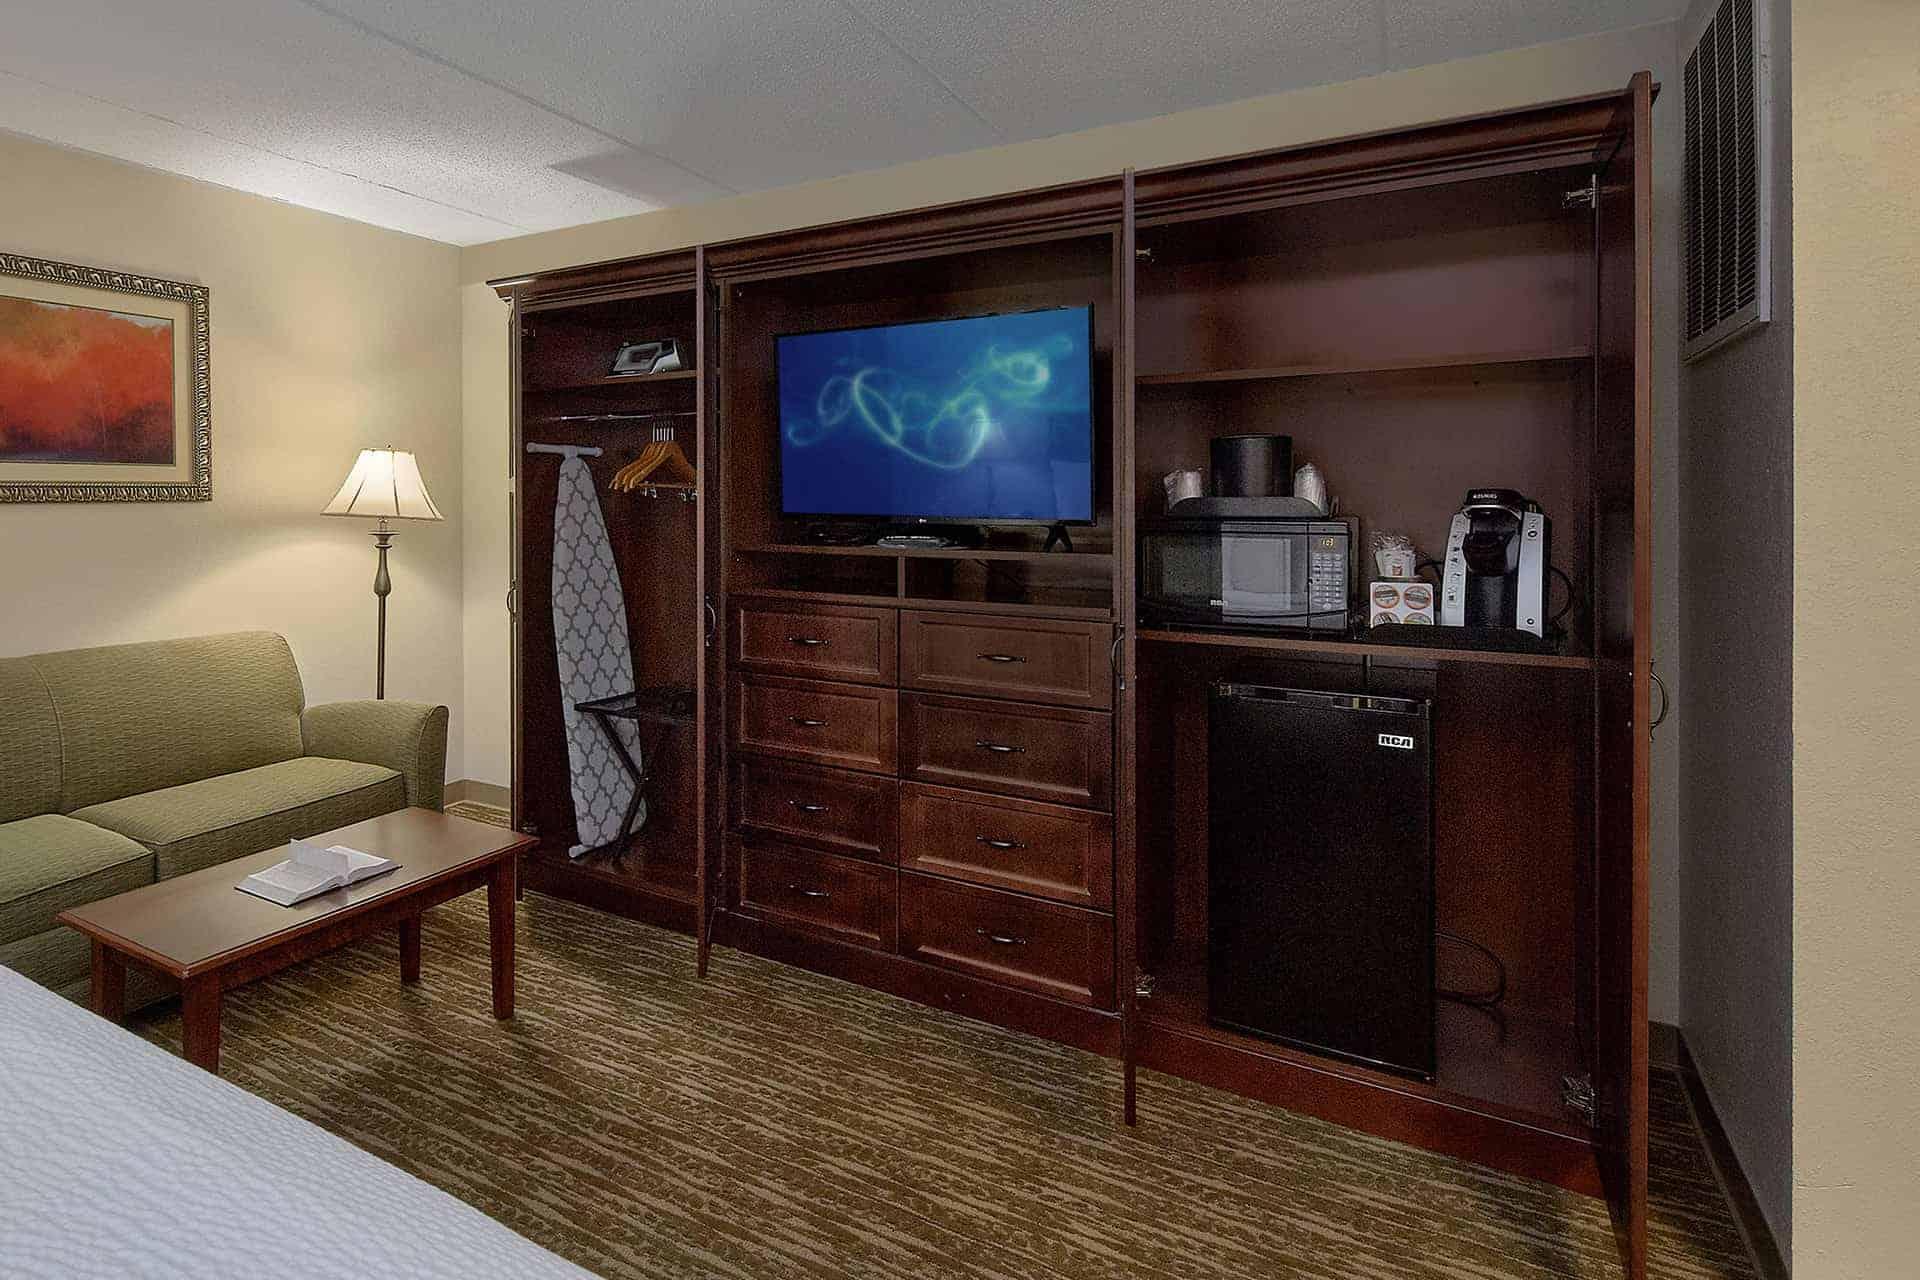 tv and mini bar area